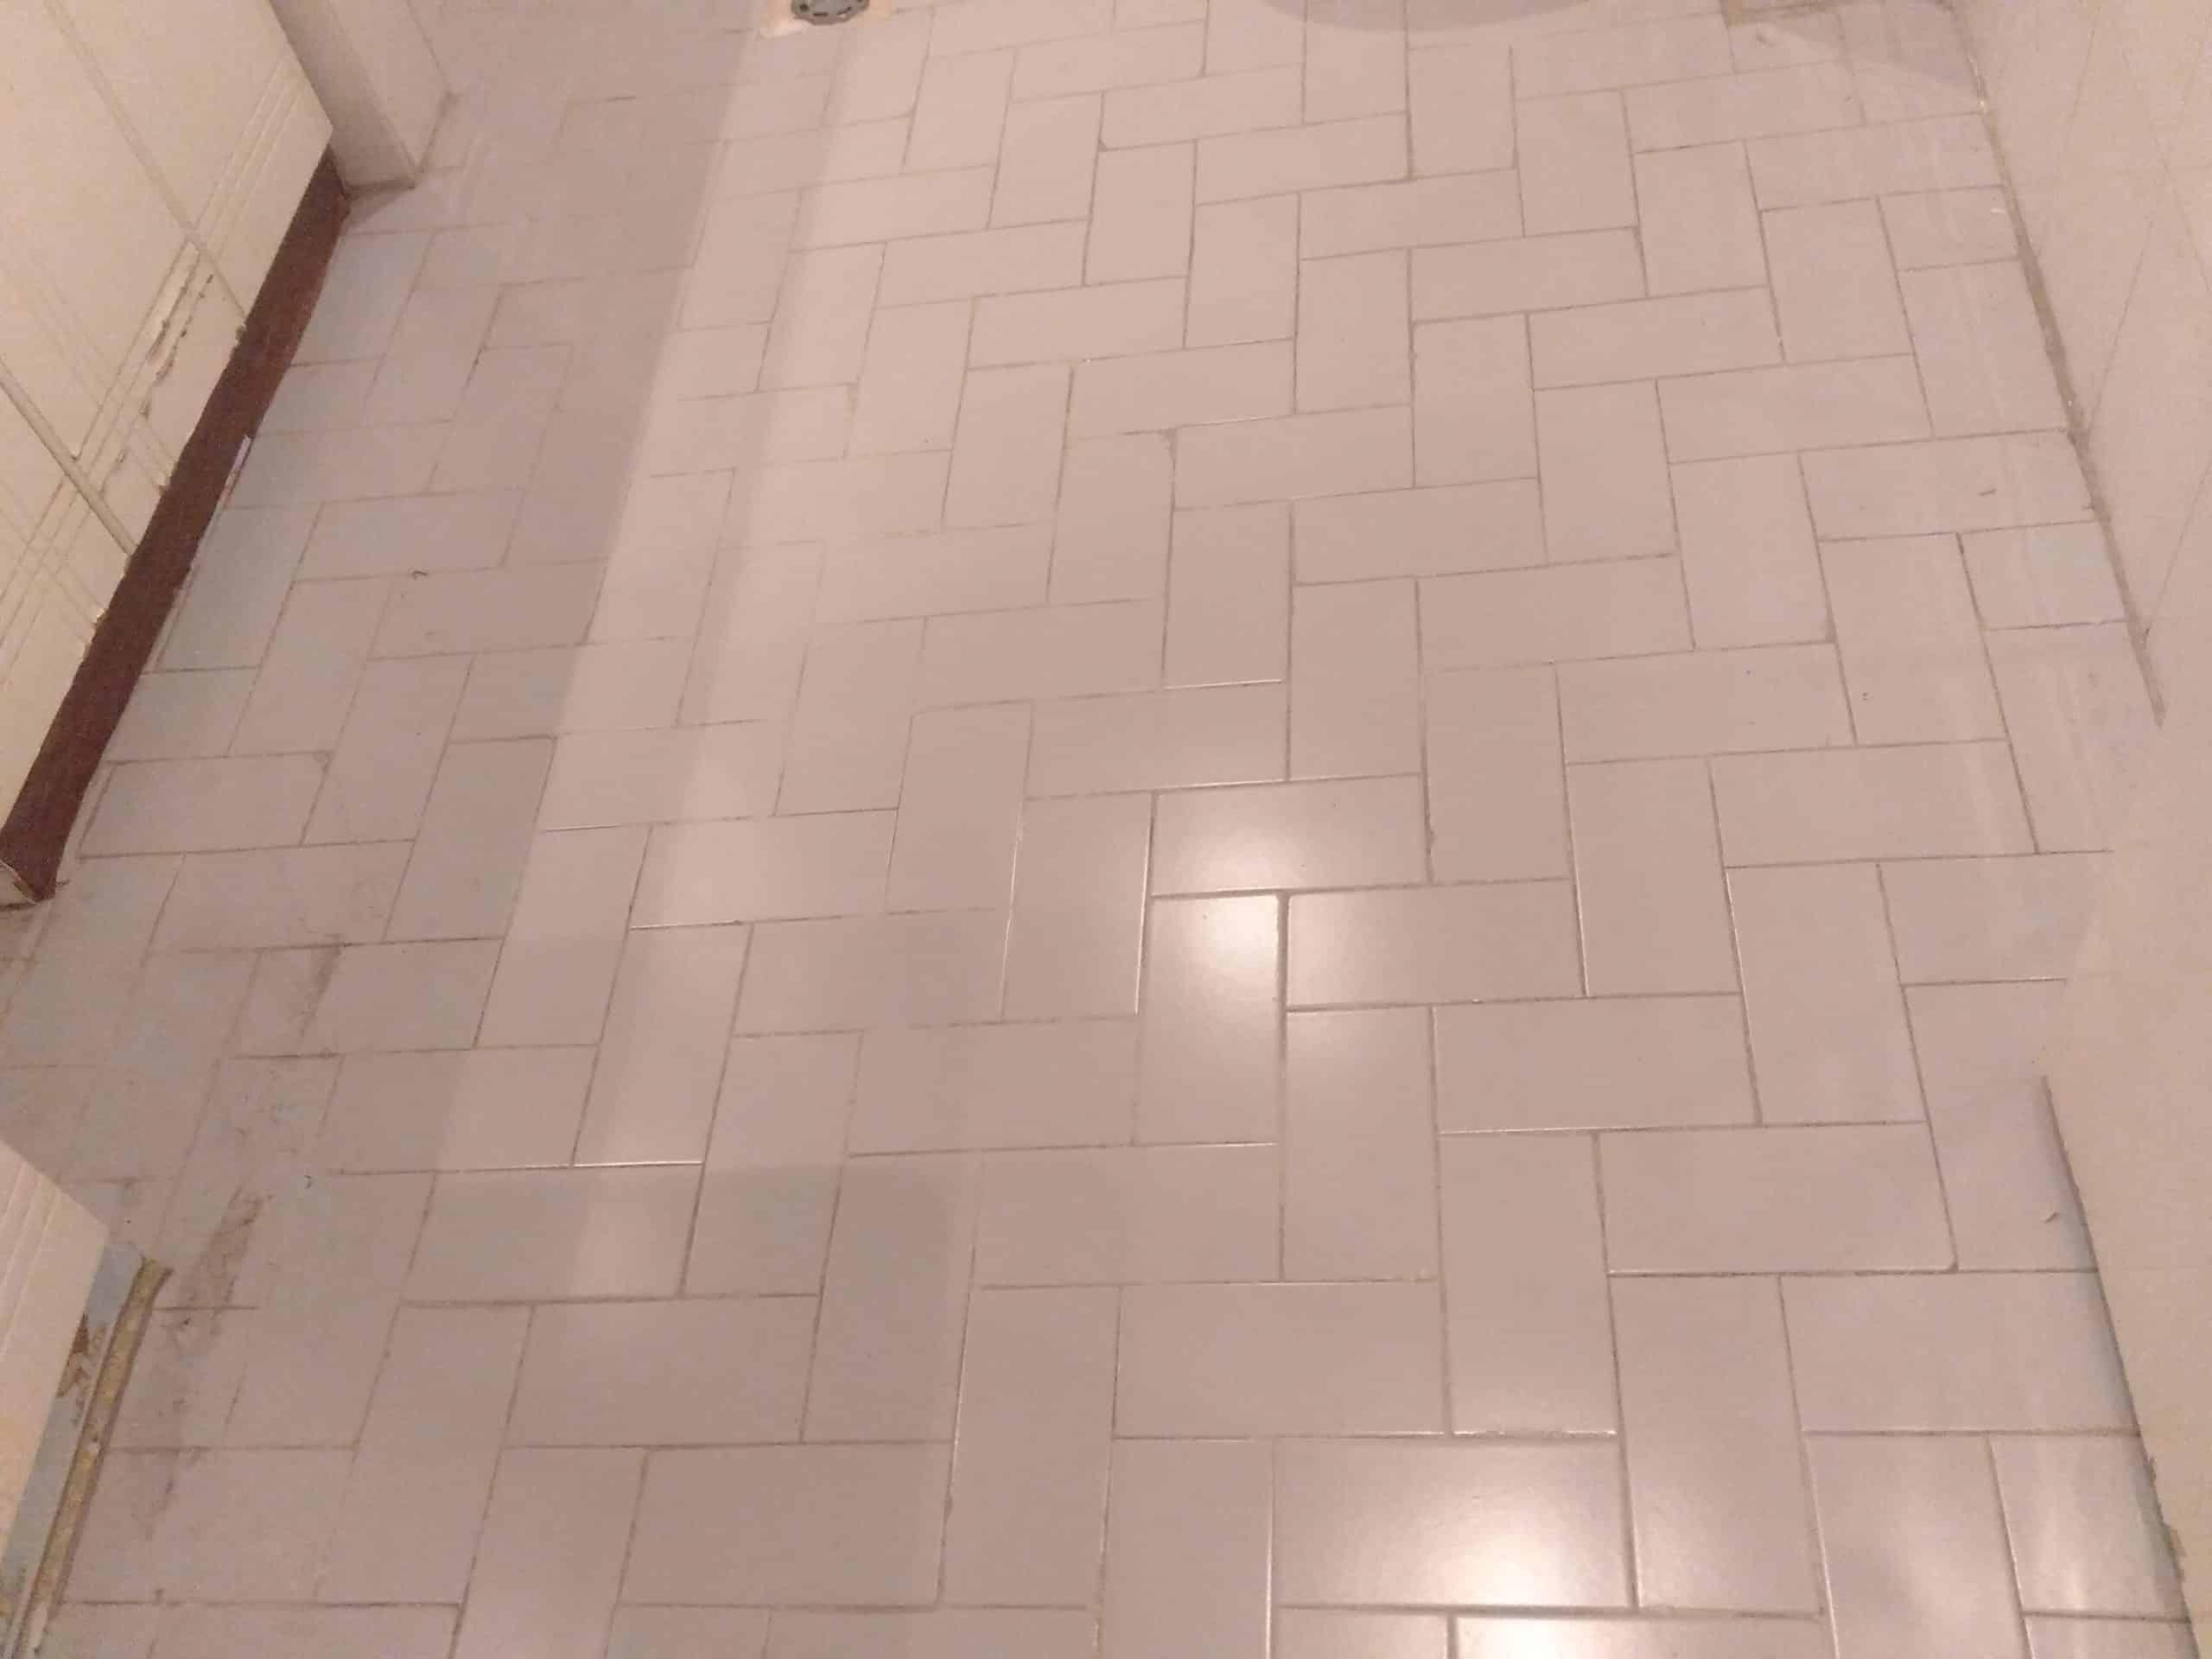 Koridor zemin fayanslarını yeniliyoruz